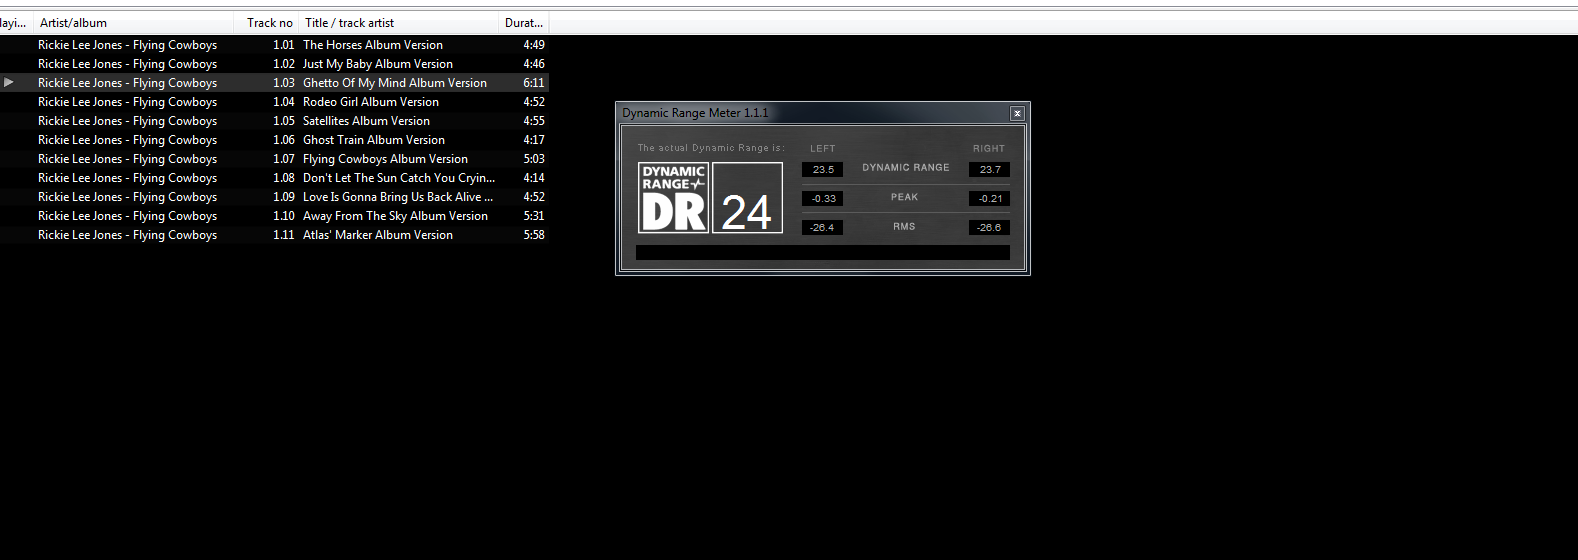 Dynamik Range Foobar